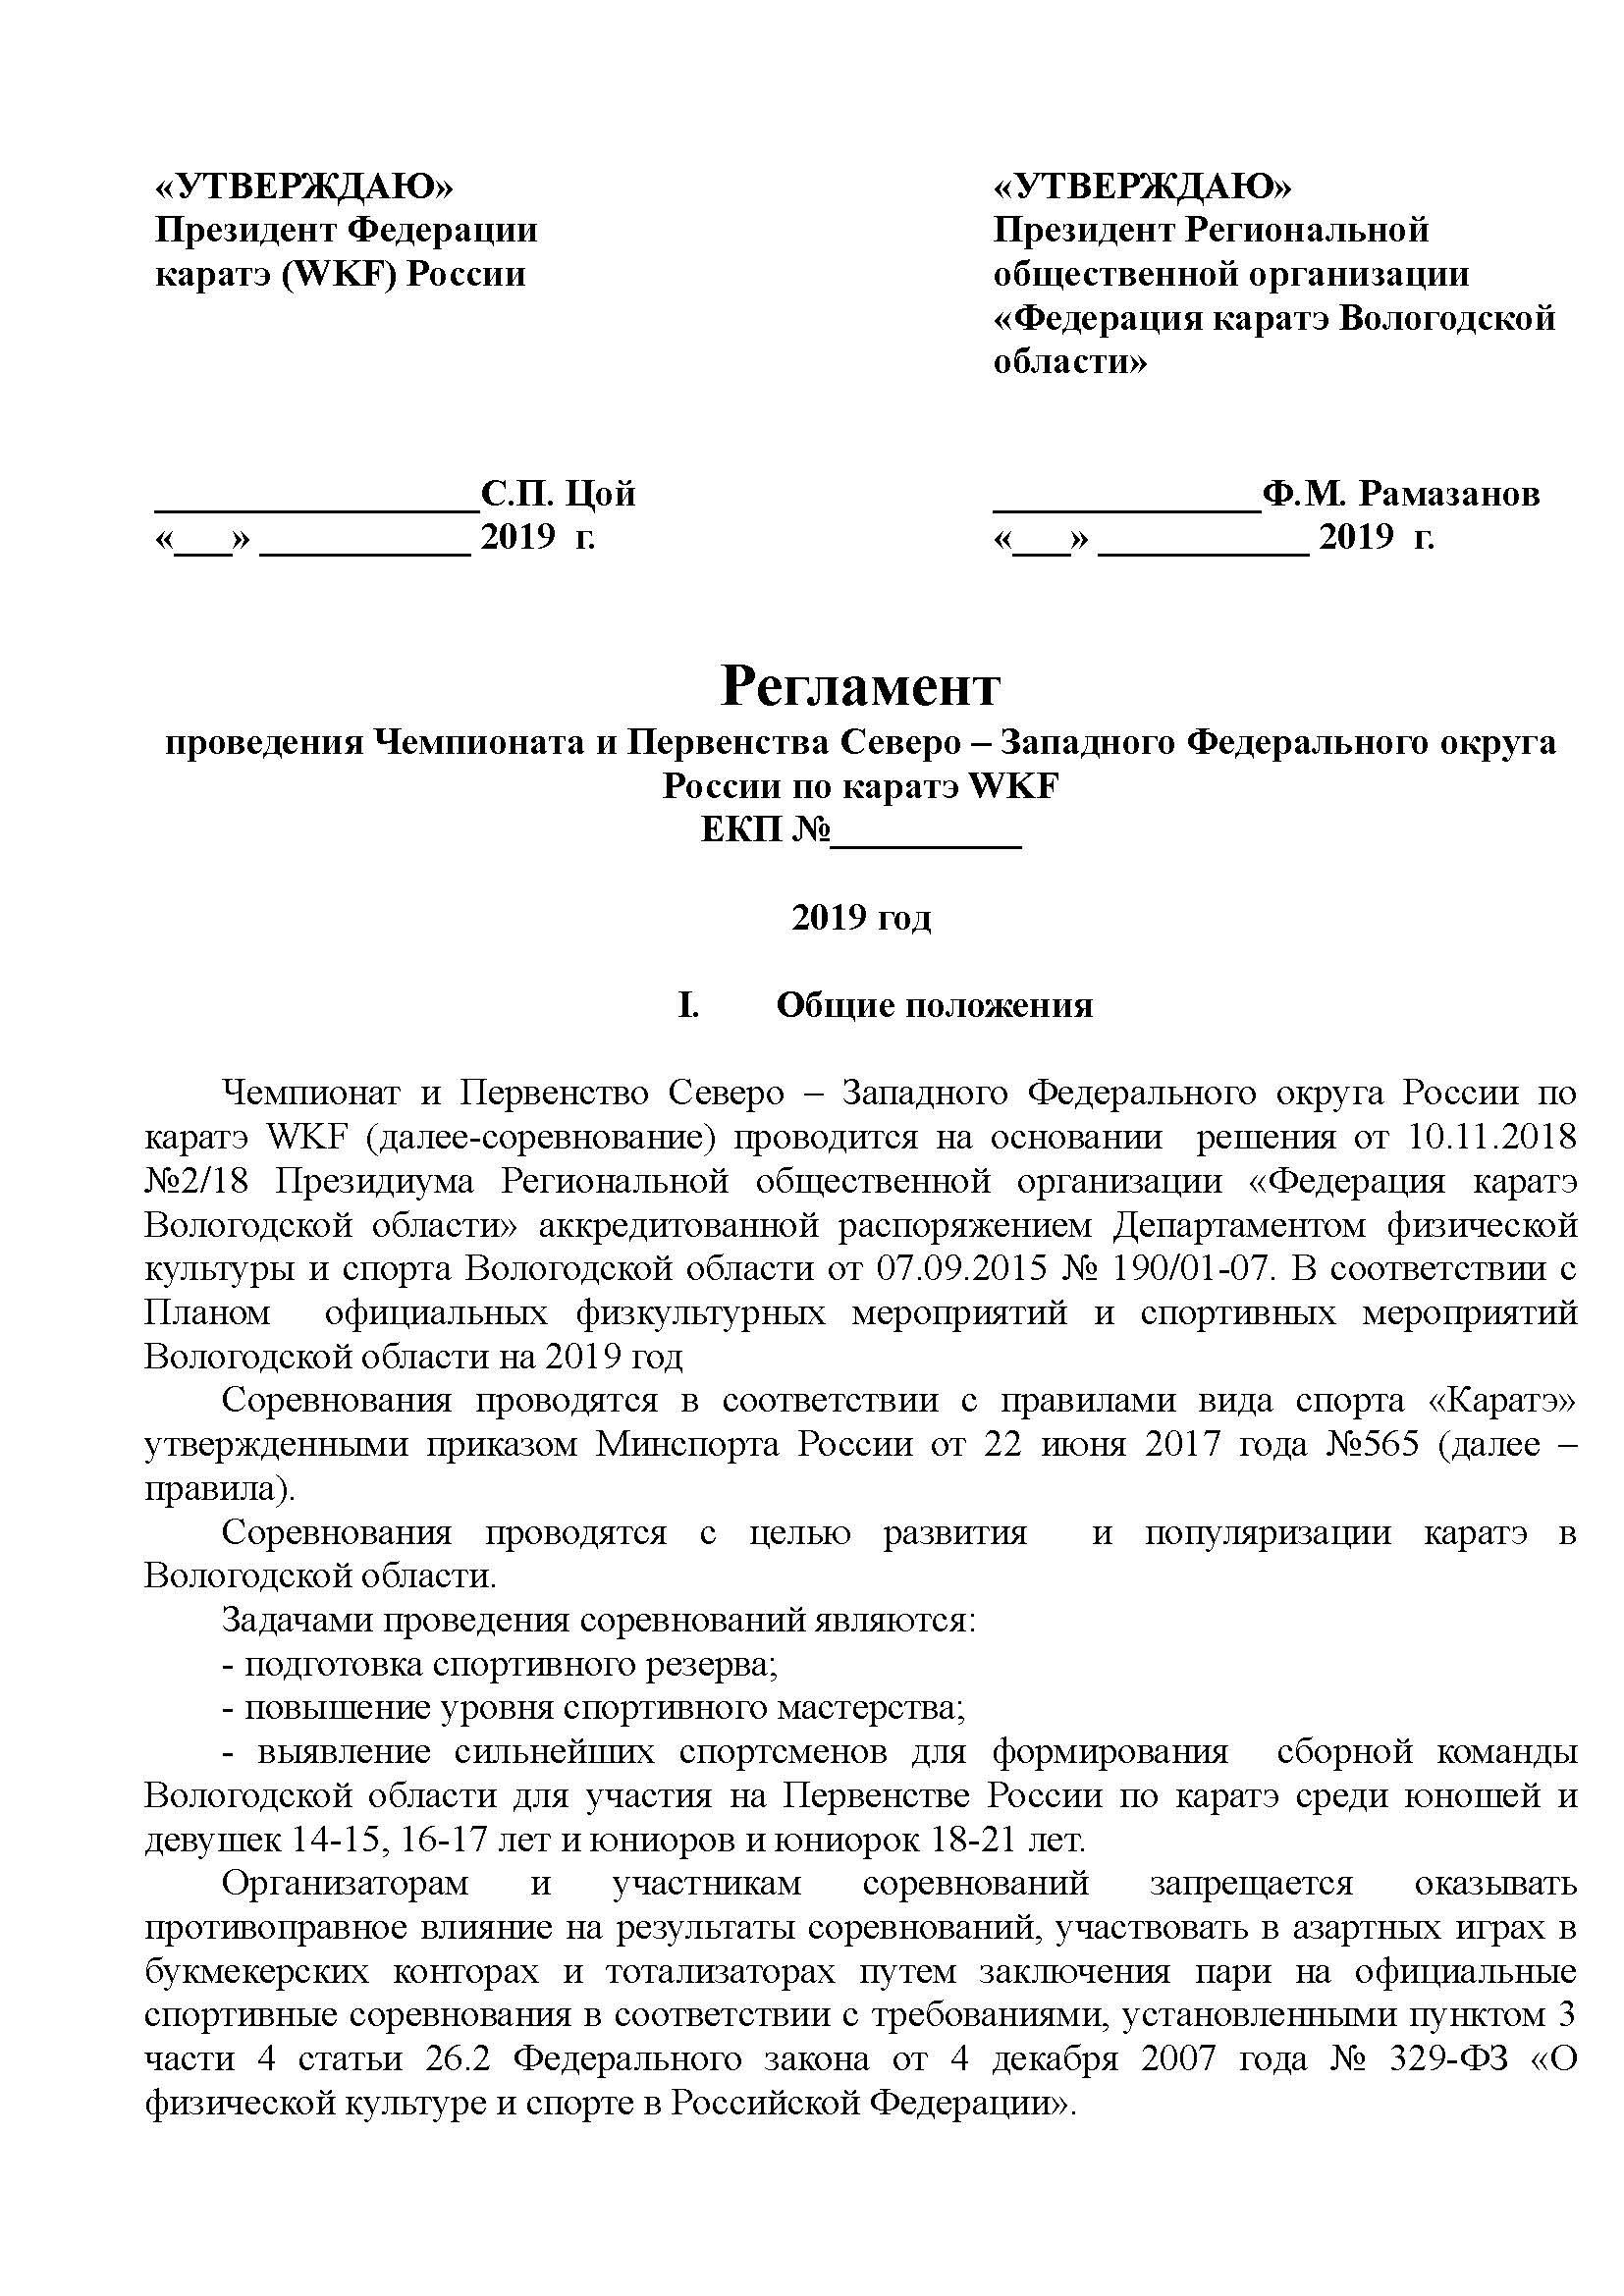 СЗФО-2019_001-OF_Страница_1